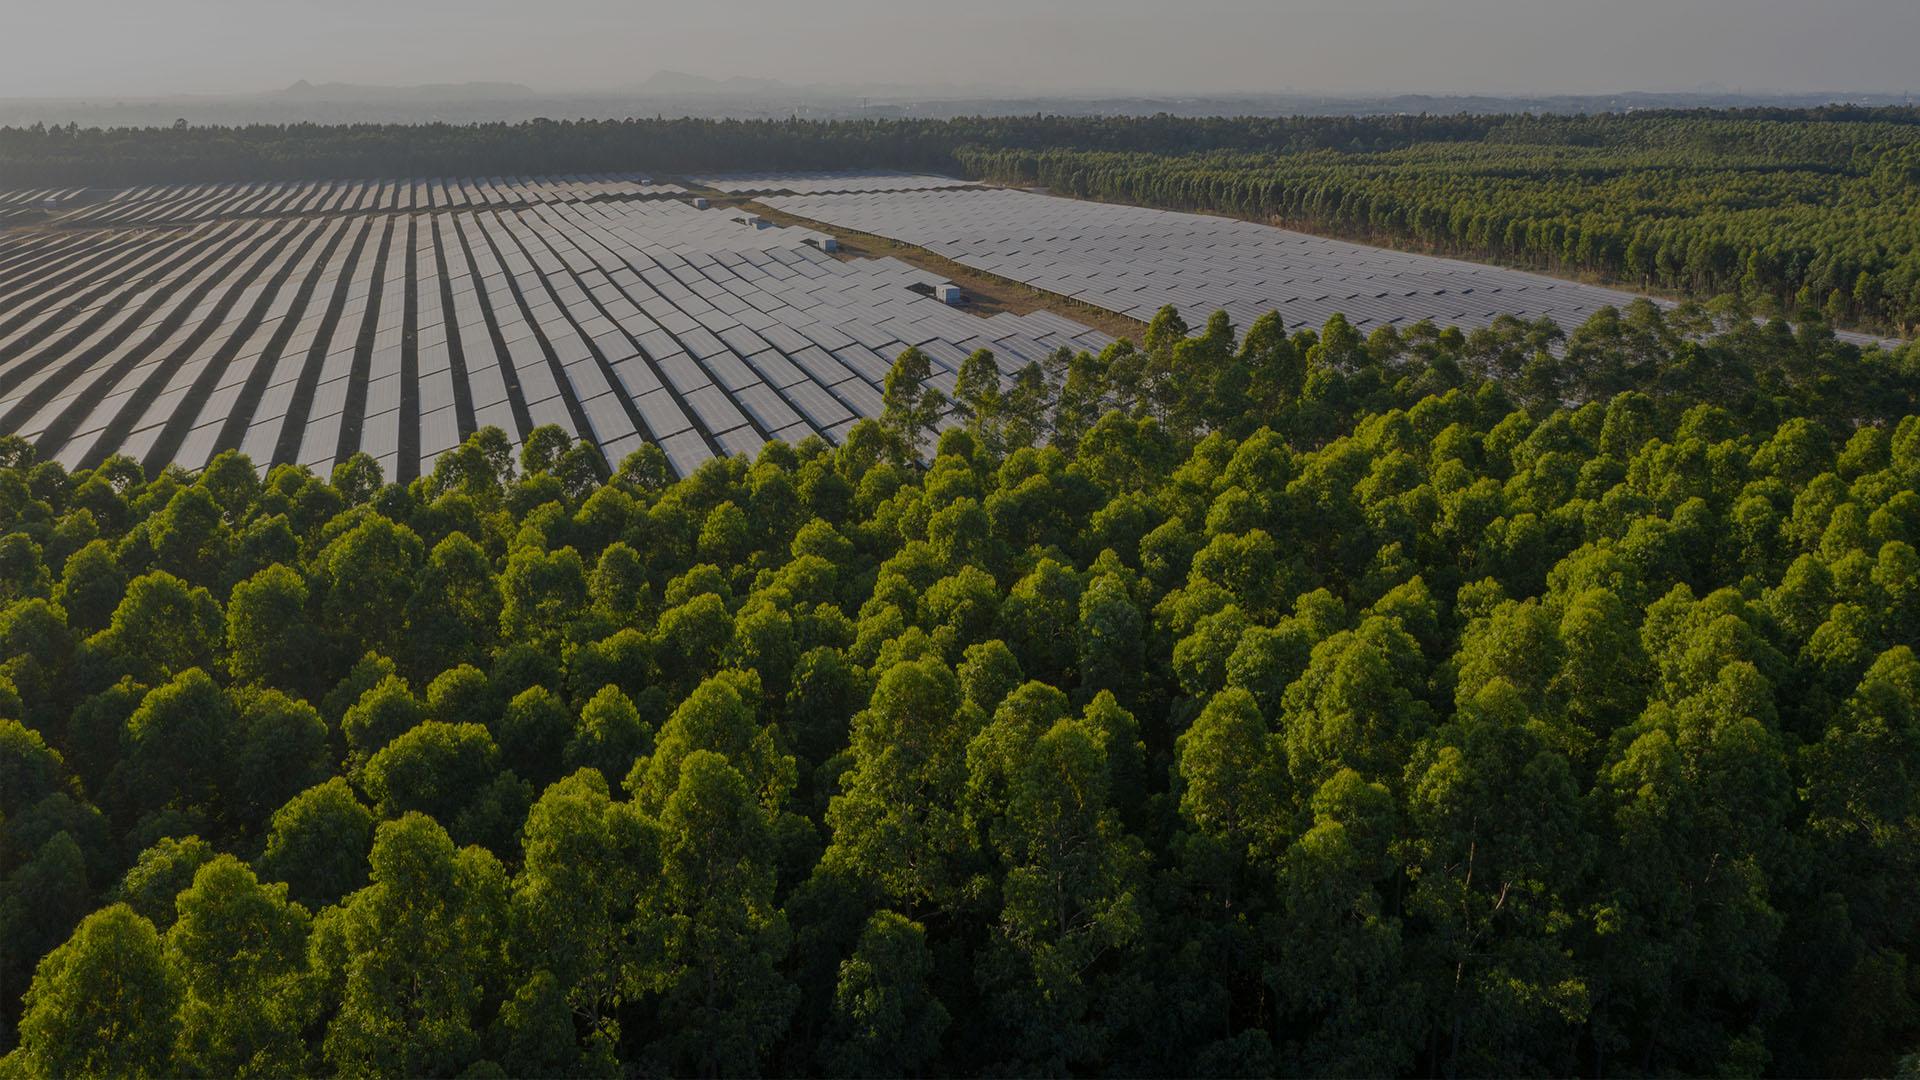 Brasil ultrapassa marca de 7 GW em potência instalada de energia solar